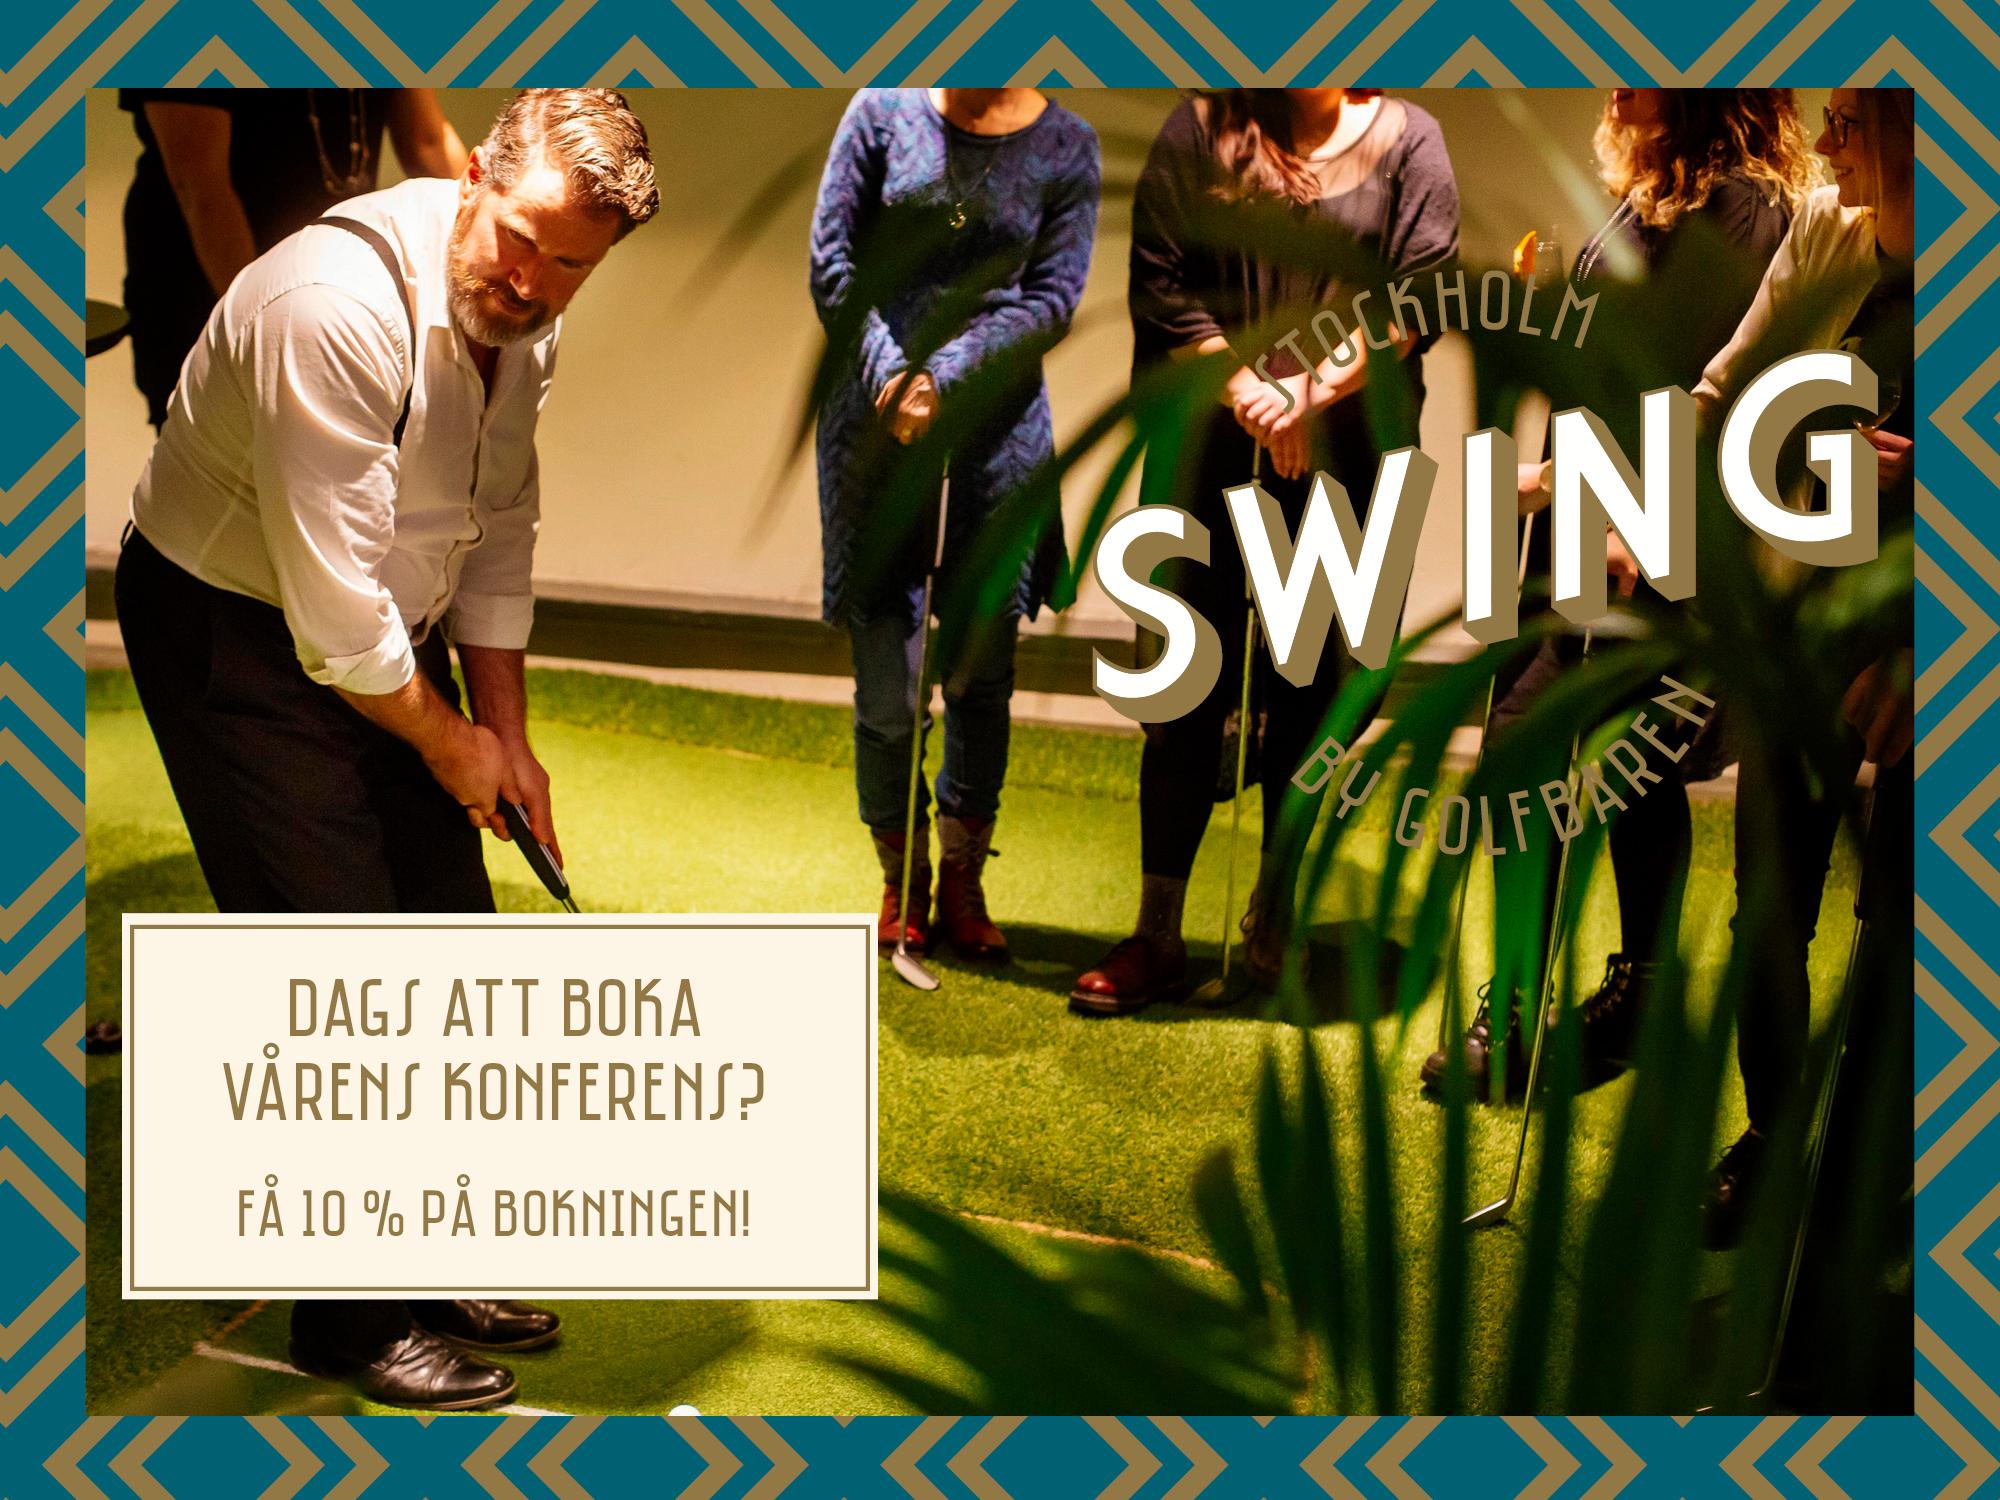 Se erbjudande från Swing by Golfbaren